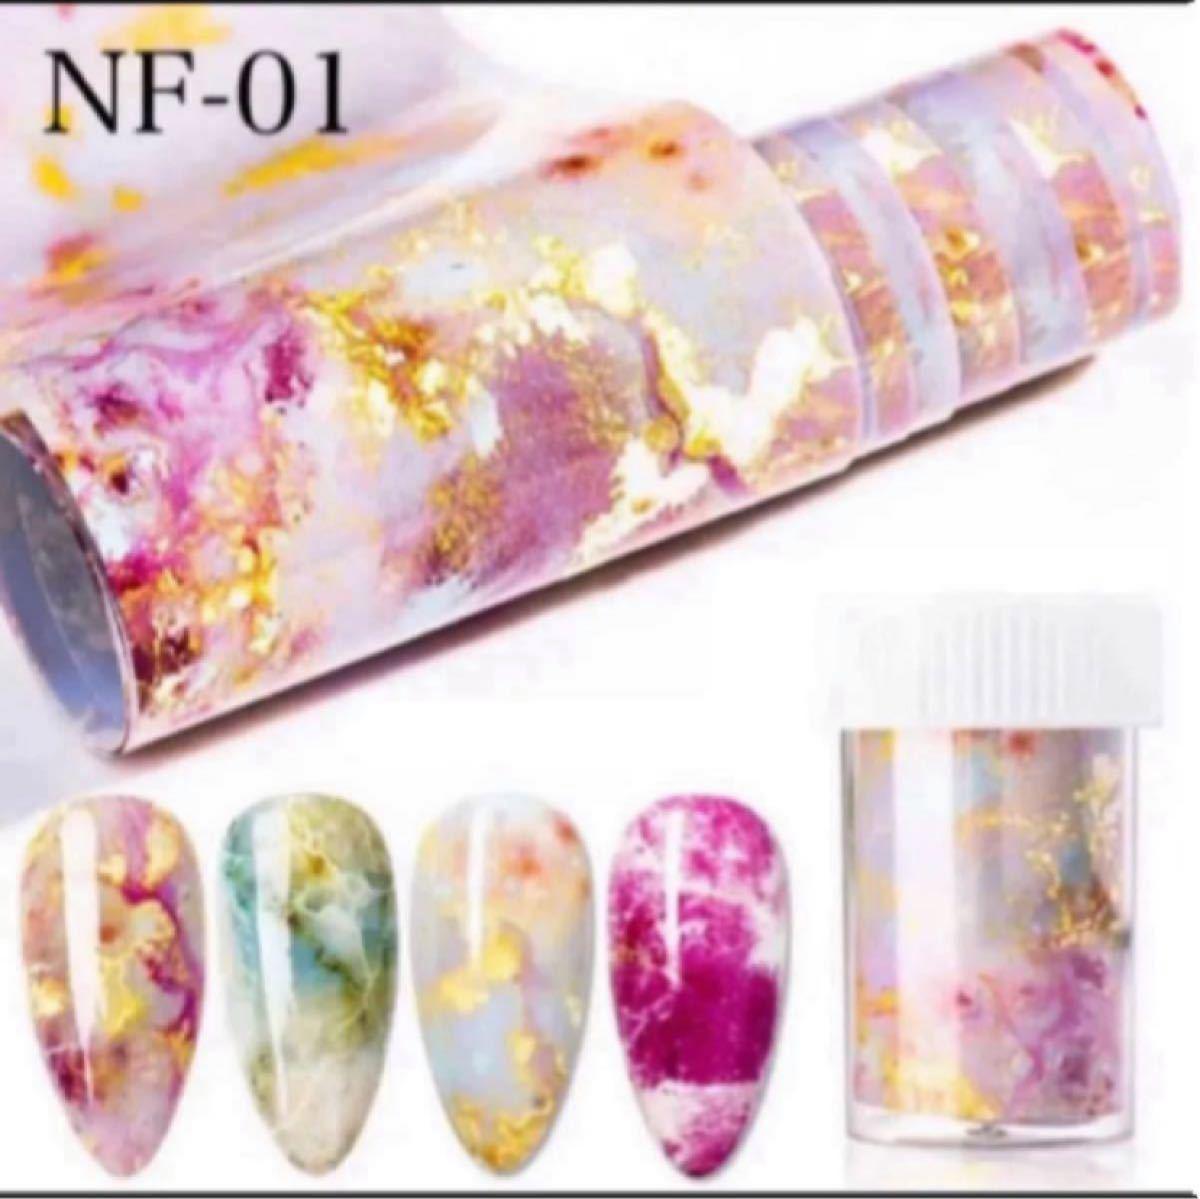 ネイルホイル用ジェルポリッシュ 15ml+《NF-01》大理石ネイルホイル 4種セット